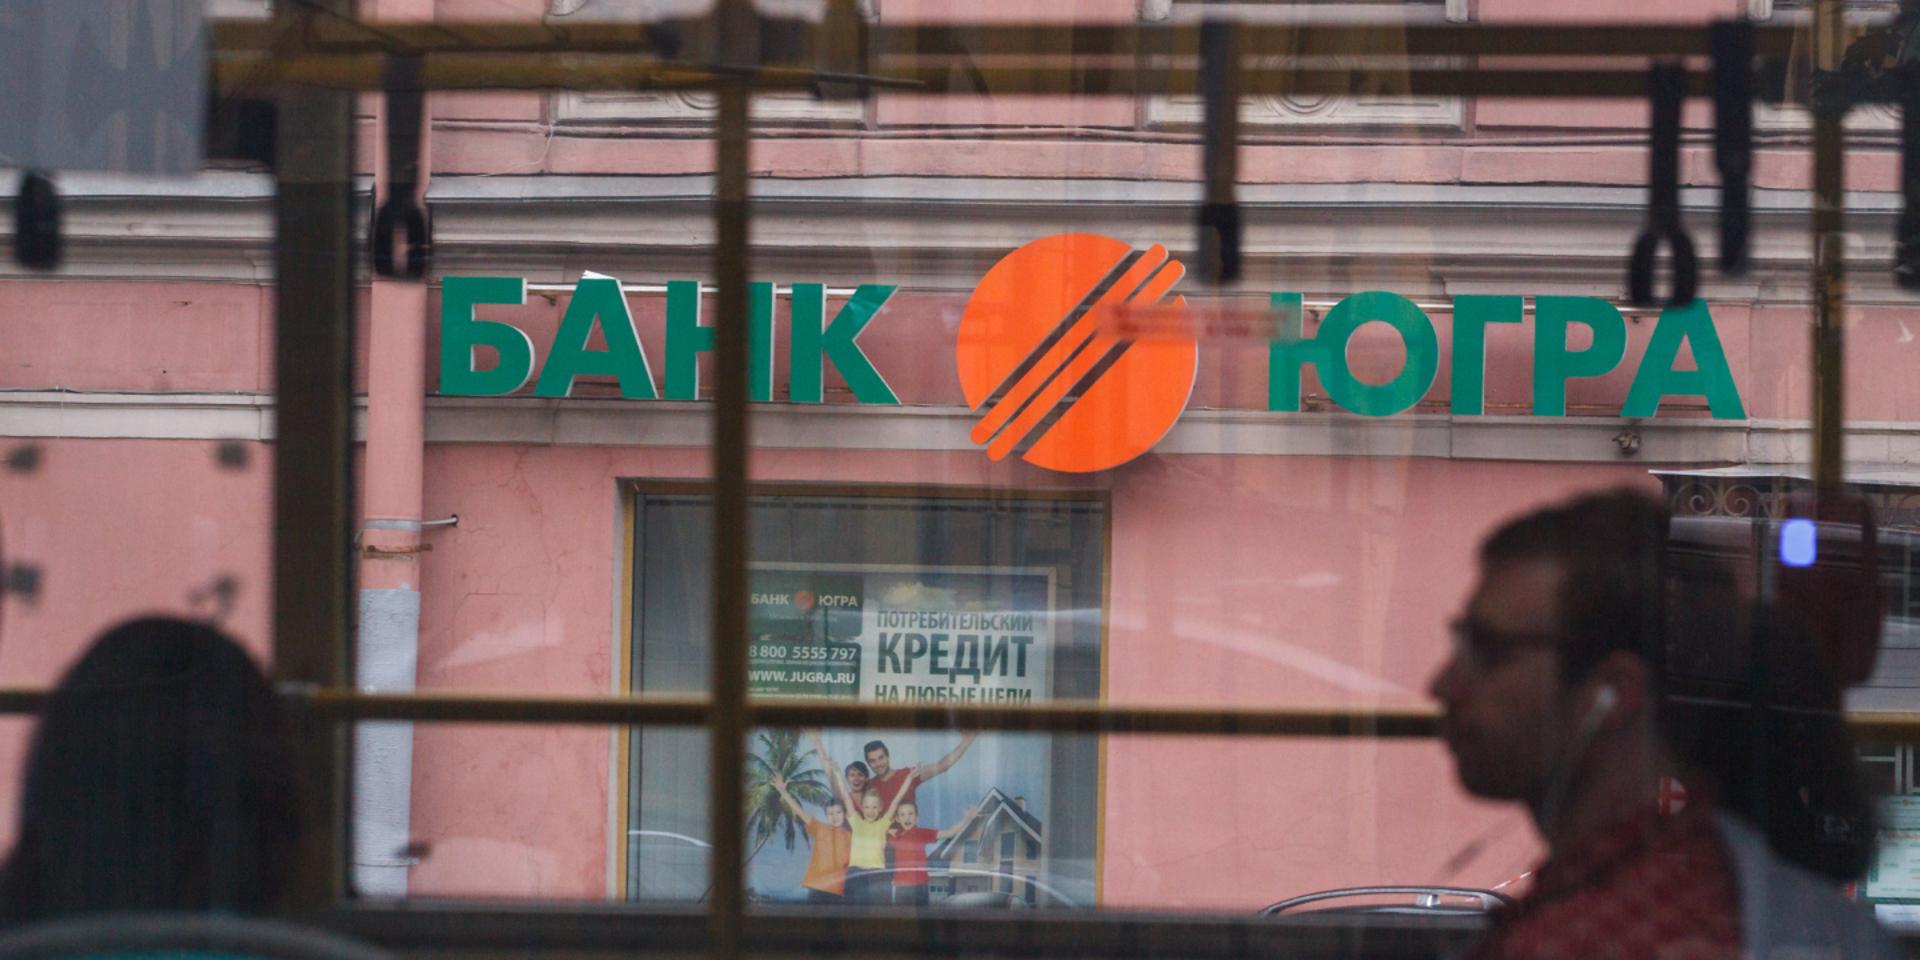 Фото: Роман Пименов / Интерпресс/ТАСС